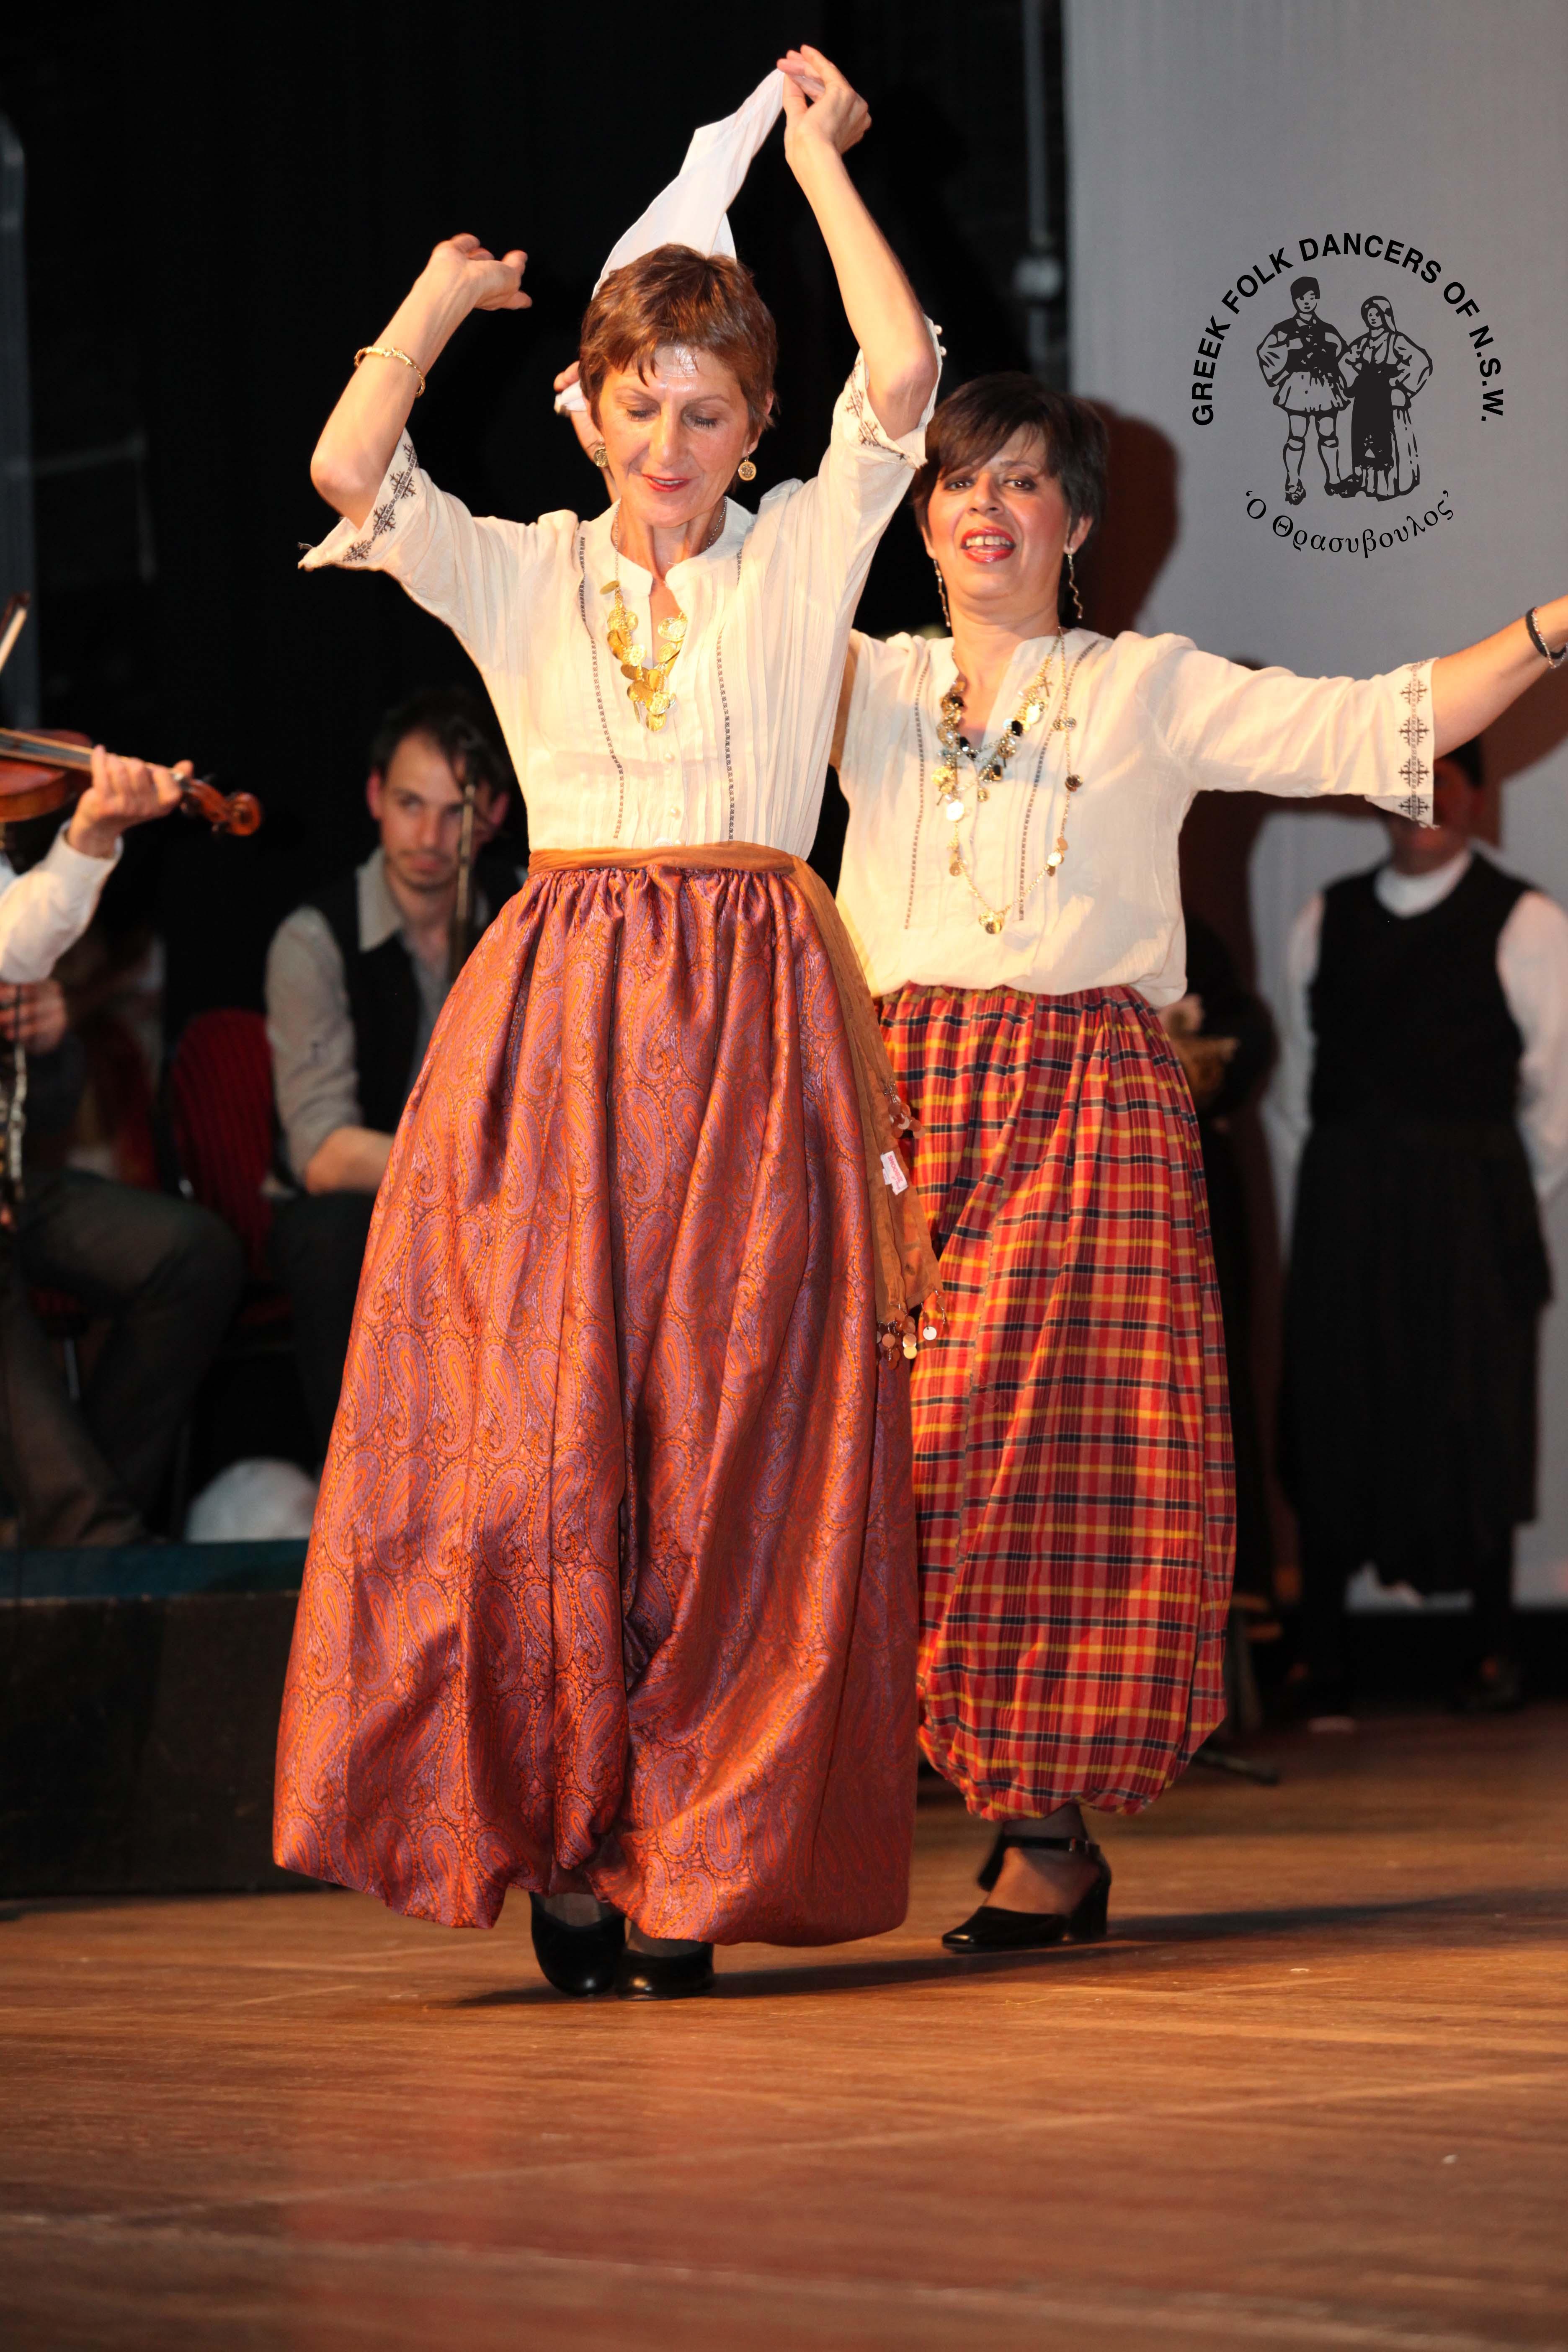 Women's Dances